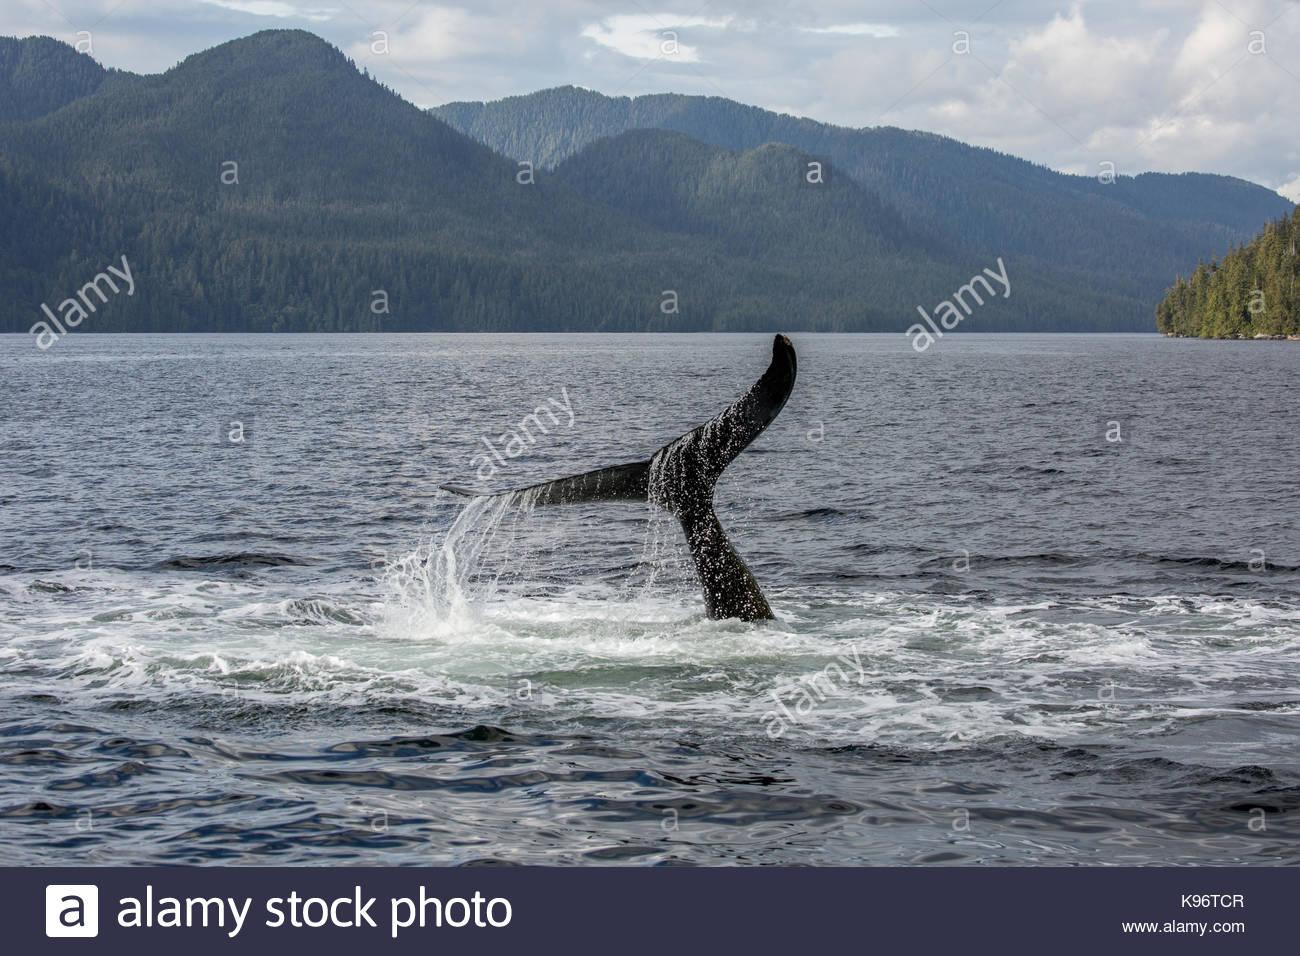 Ein Wal, Schwanz über der Fläche der Wasser. Stockbild